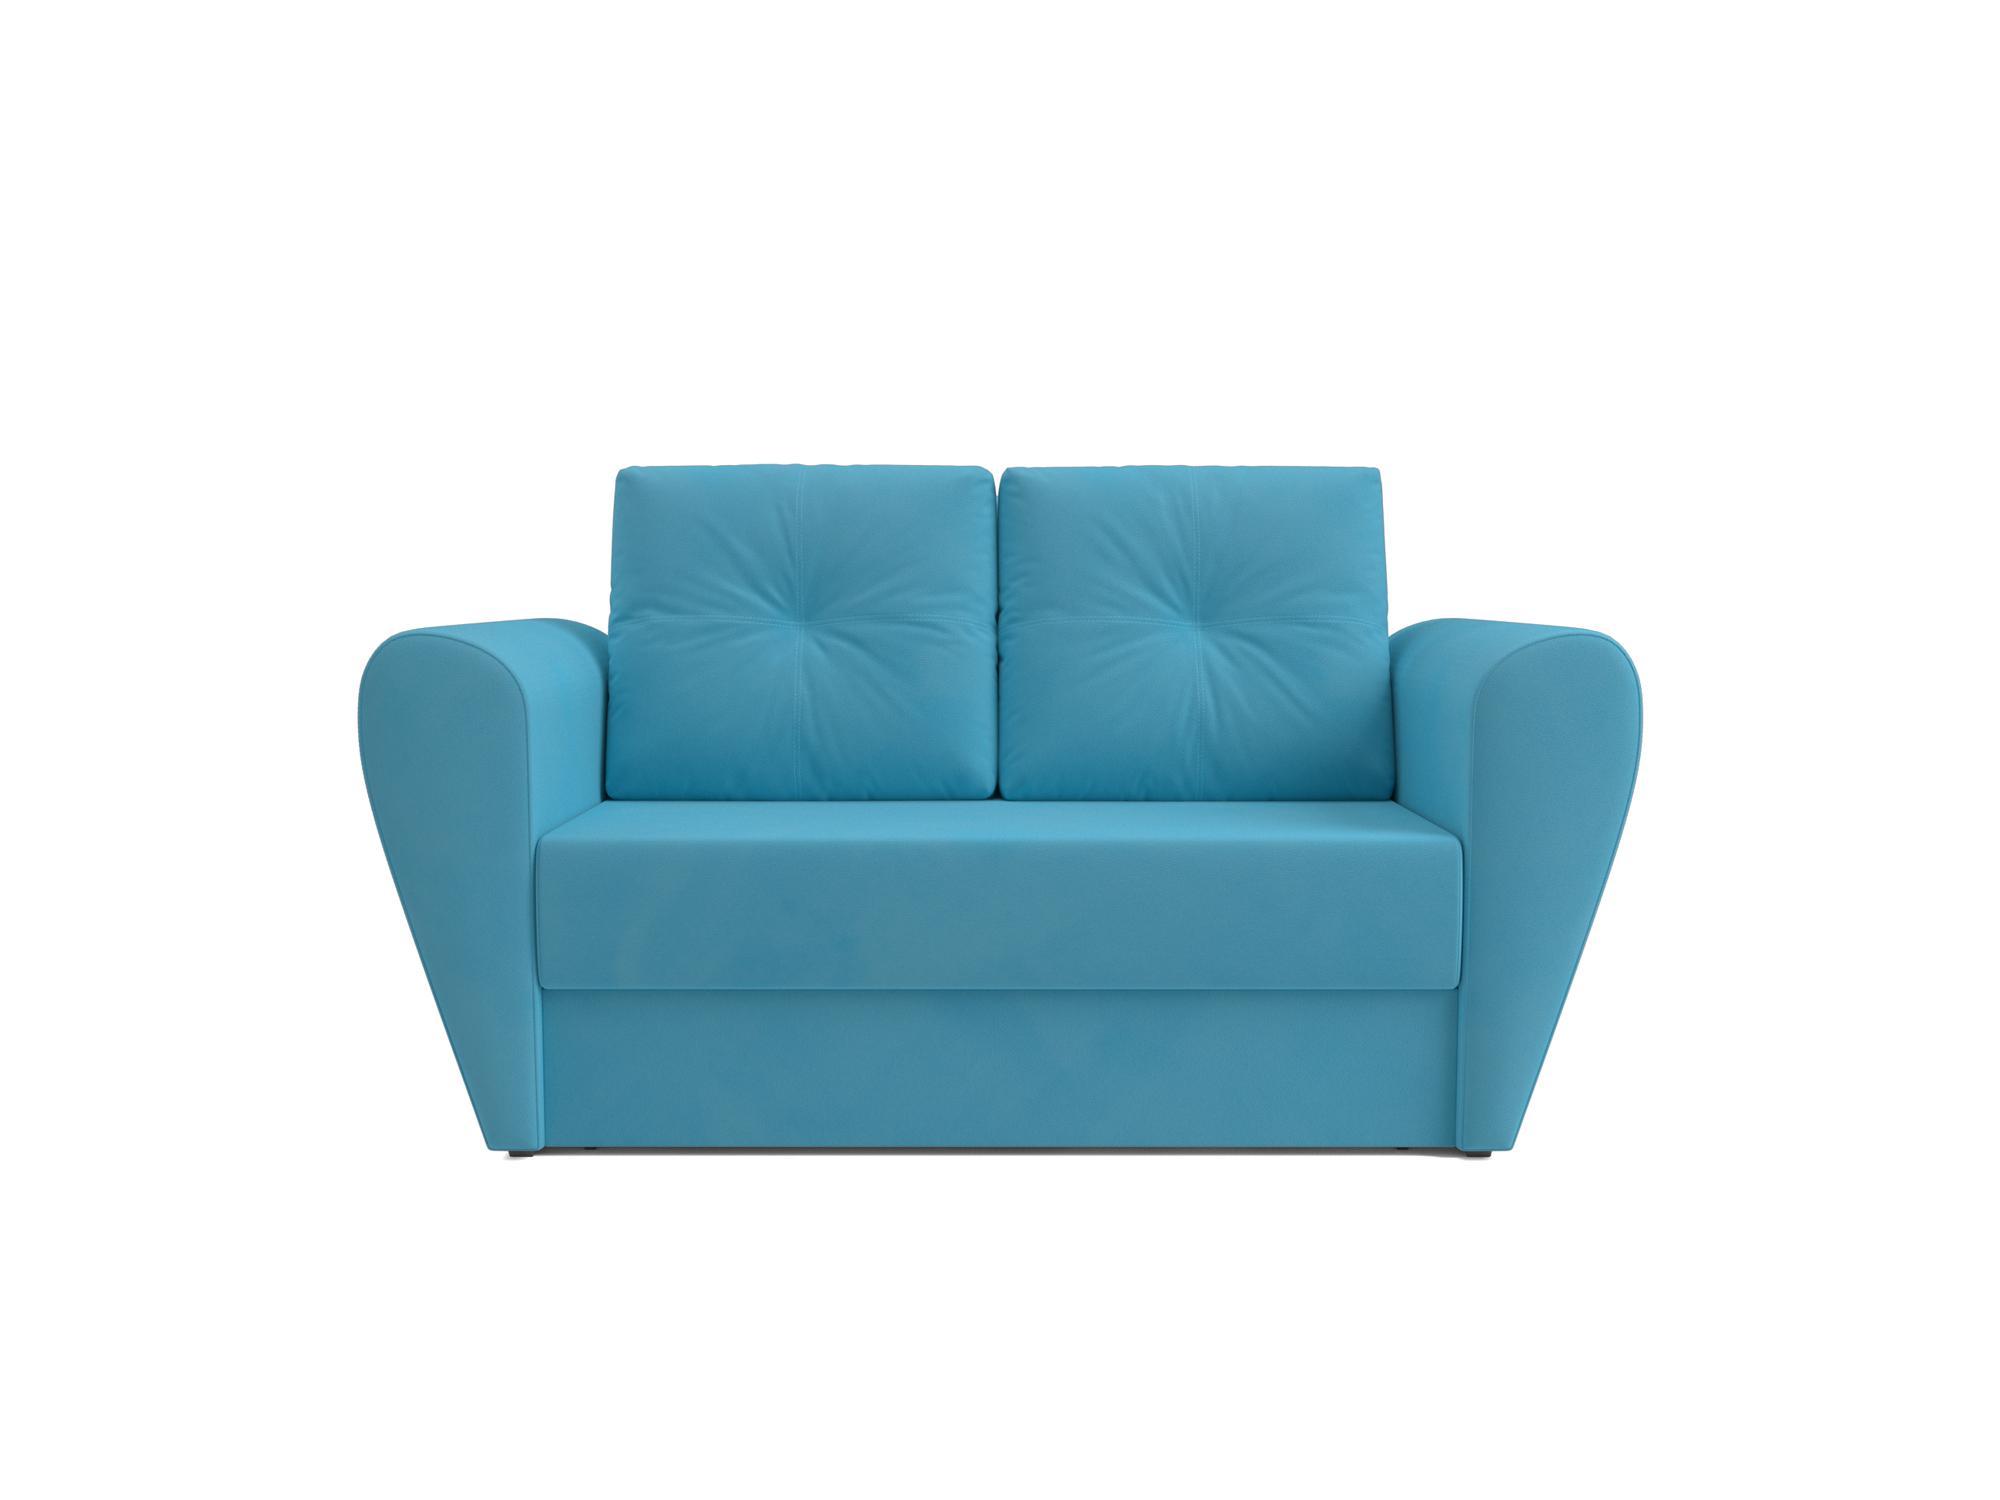 Фото - Диван Квартет MebelVia Синий, Рогожка, Брус сосны диван шерлок ст евро mebelvia синий рогожка брус хвойных пород